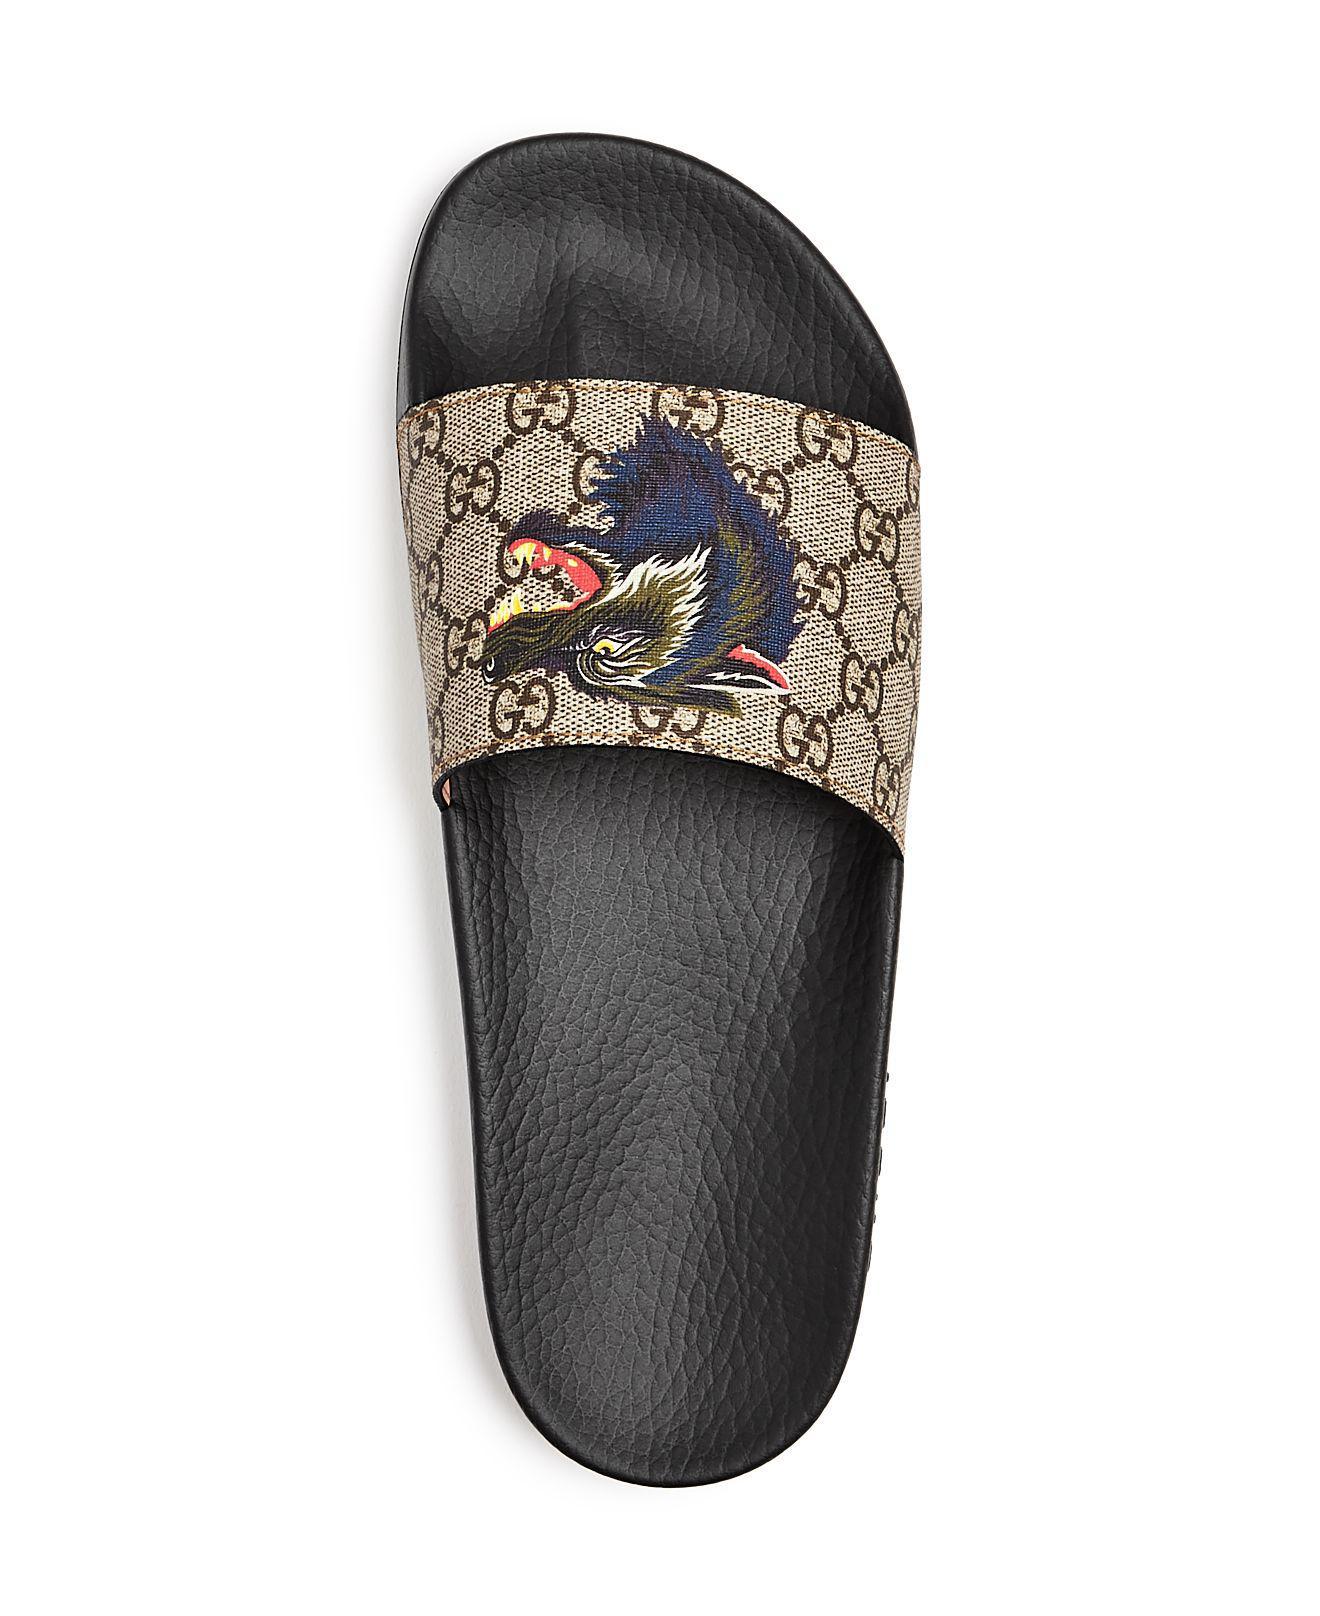 Gg Supreme Wolf Head Slide Sandals